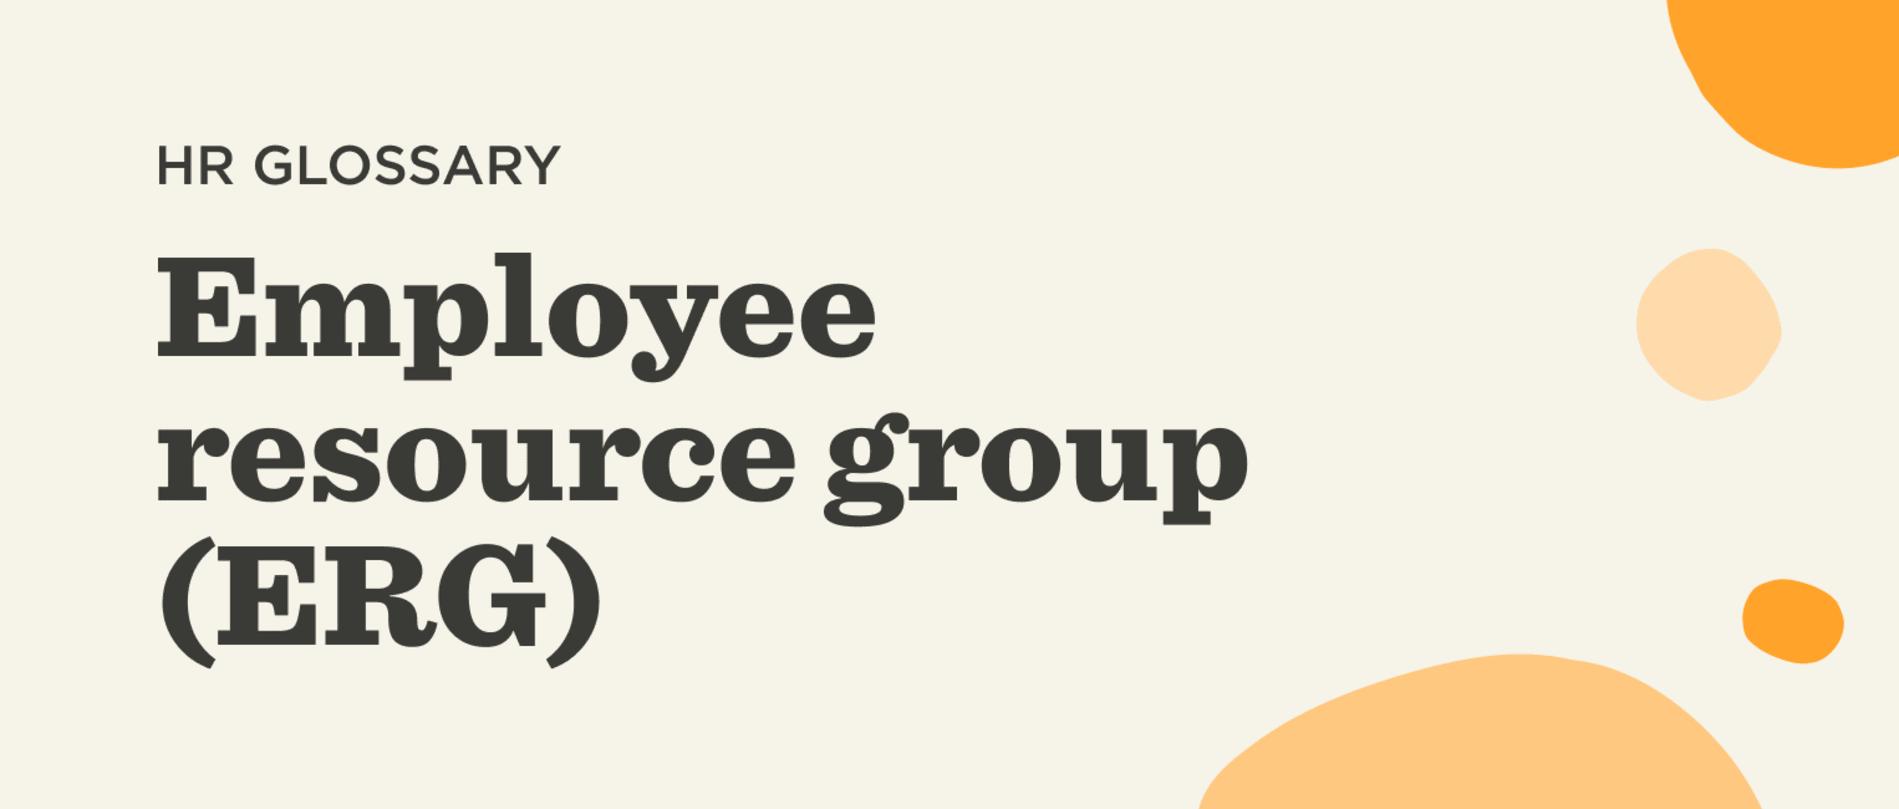 employee resource group (ERG)